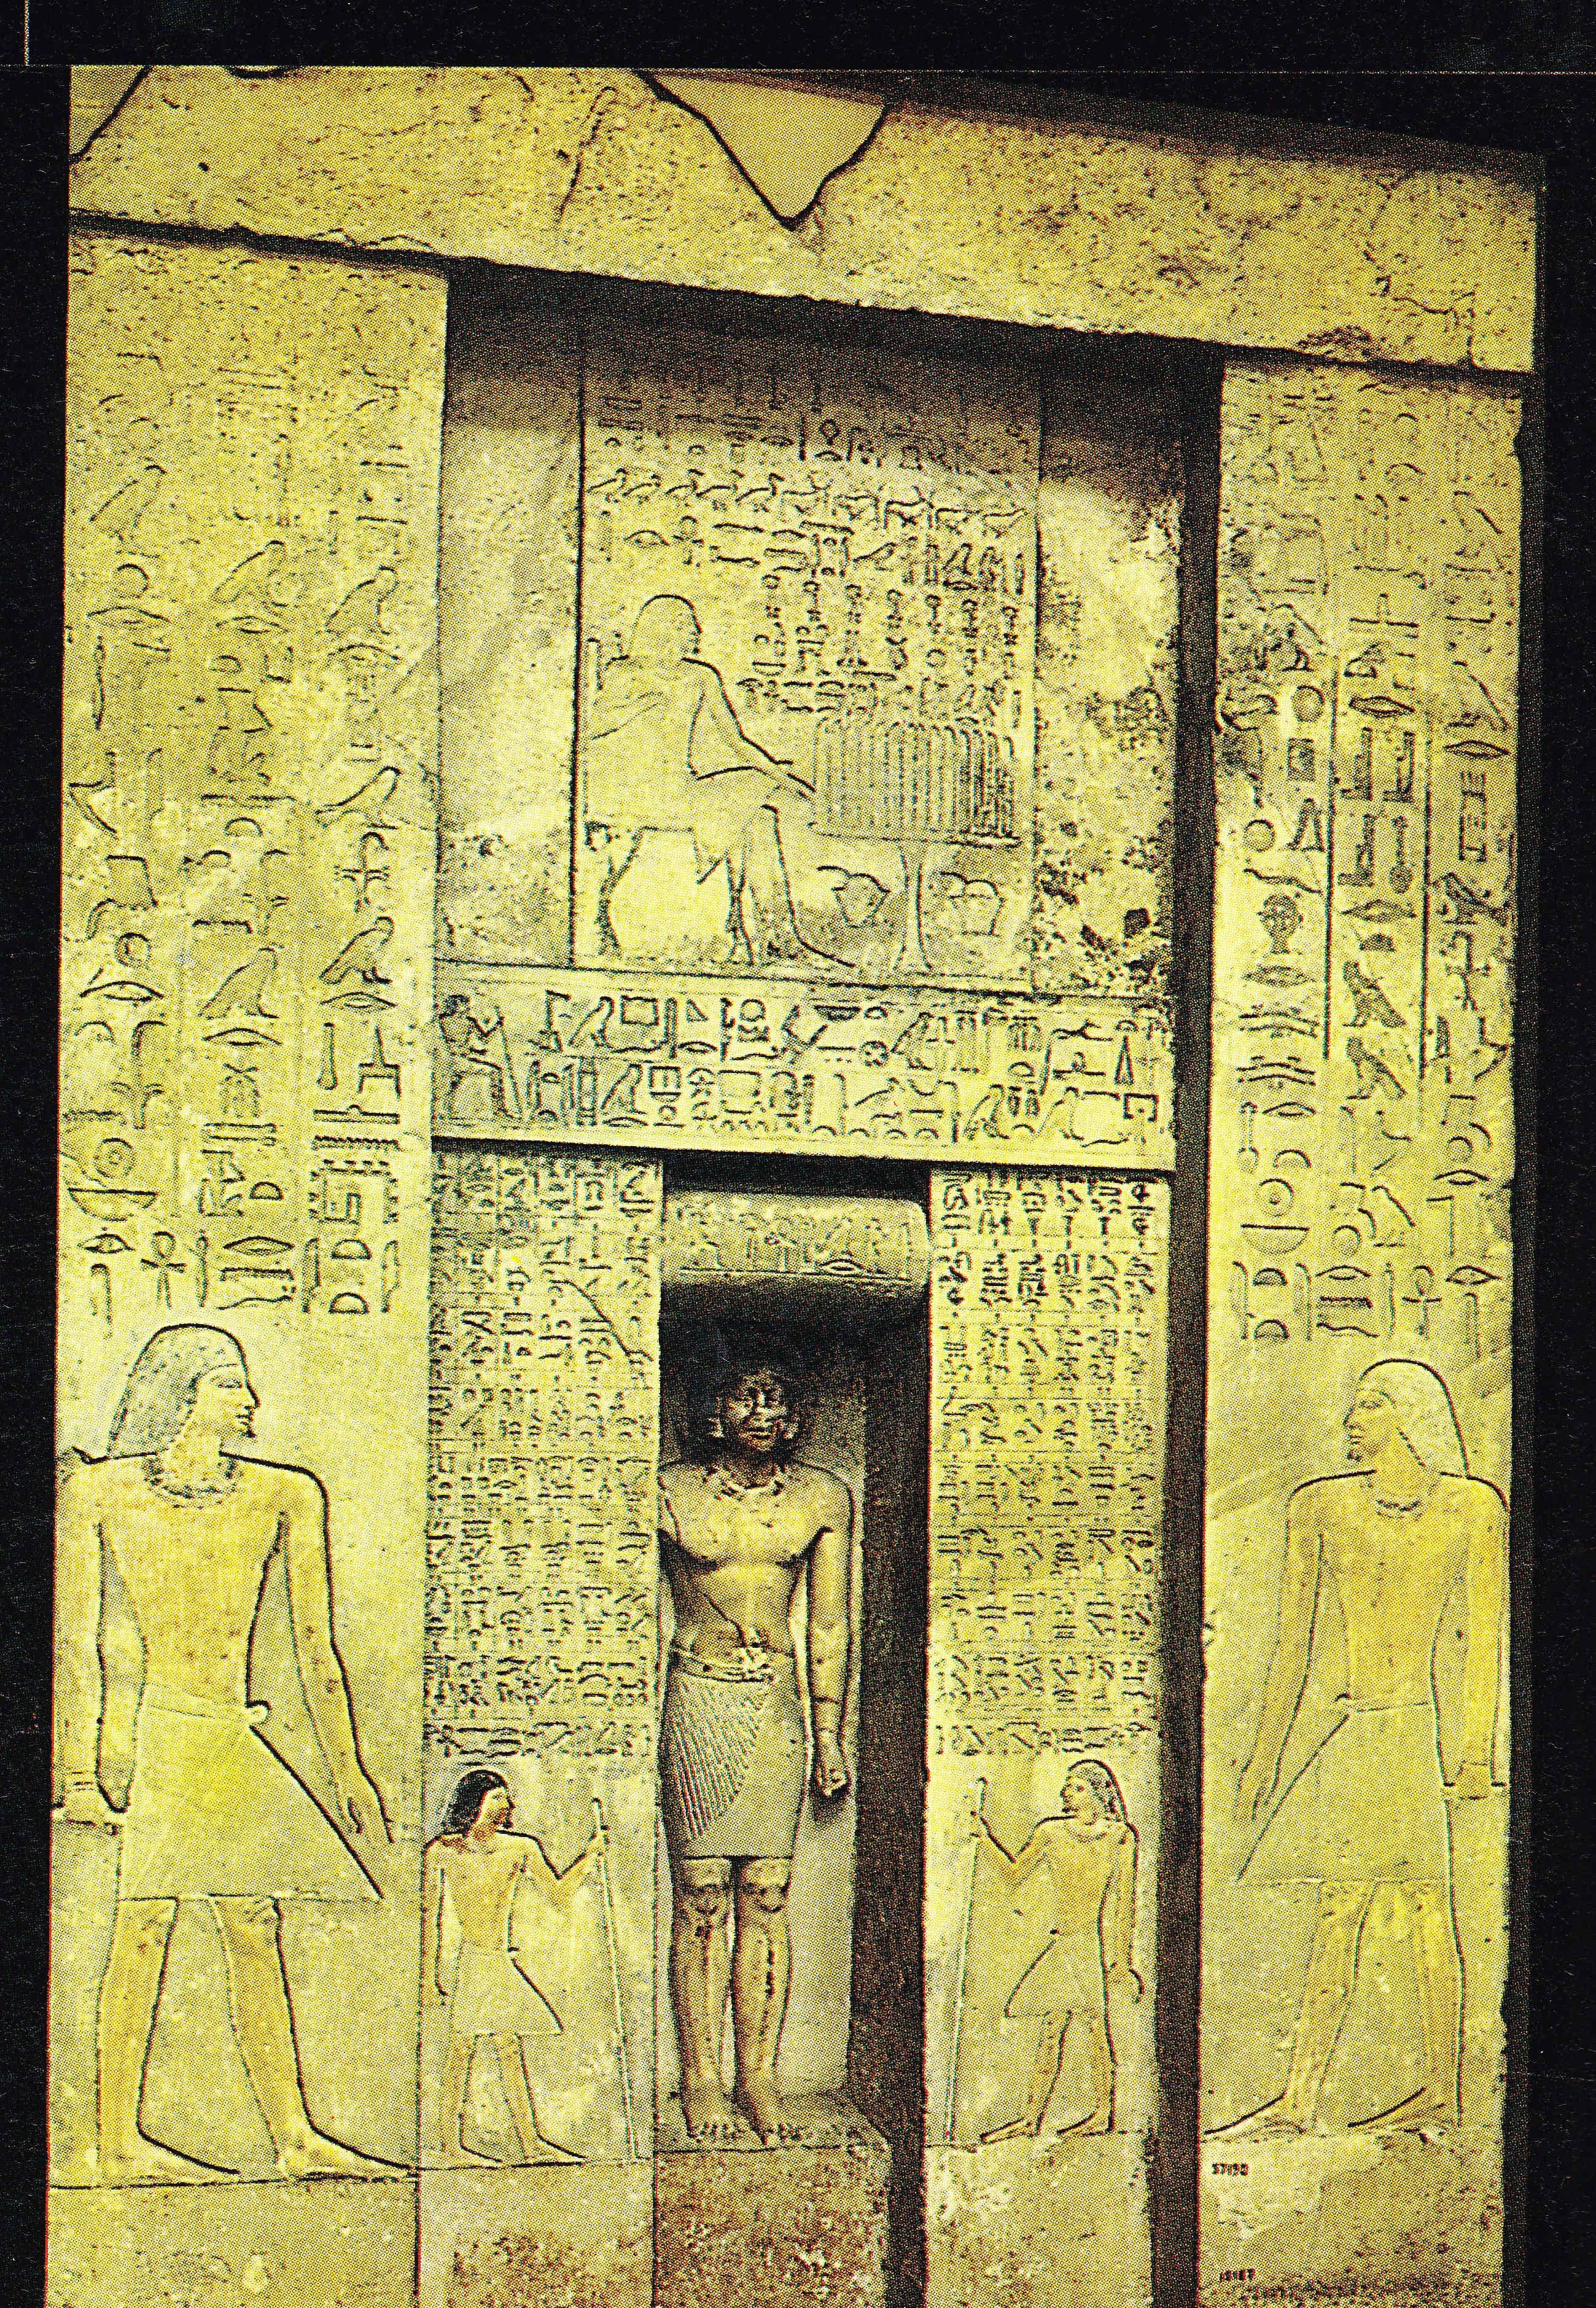 Egipto Antiguo 81 Funerales modestos por Pompeyo